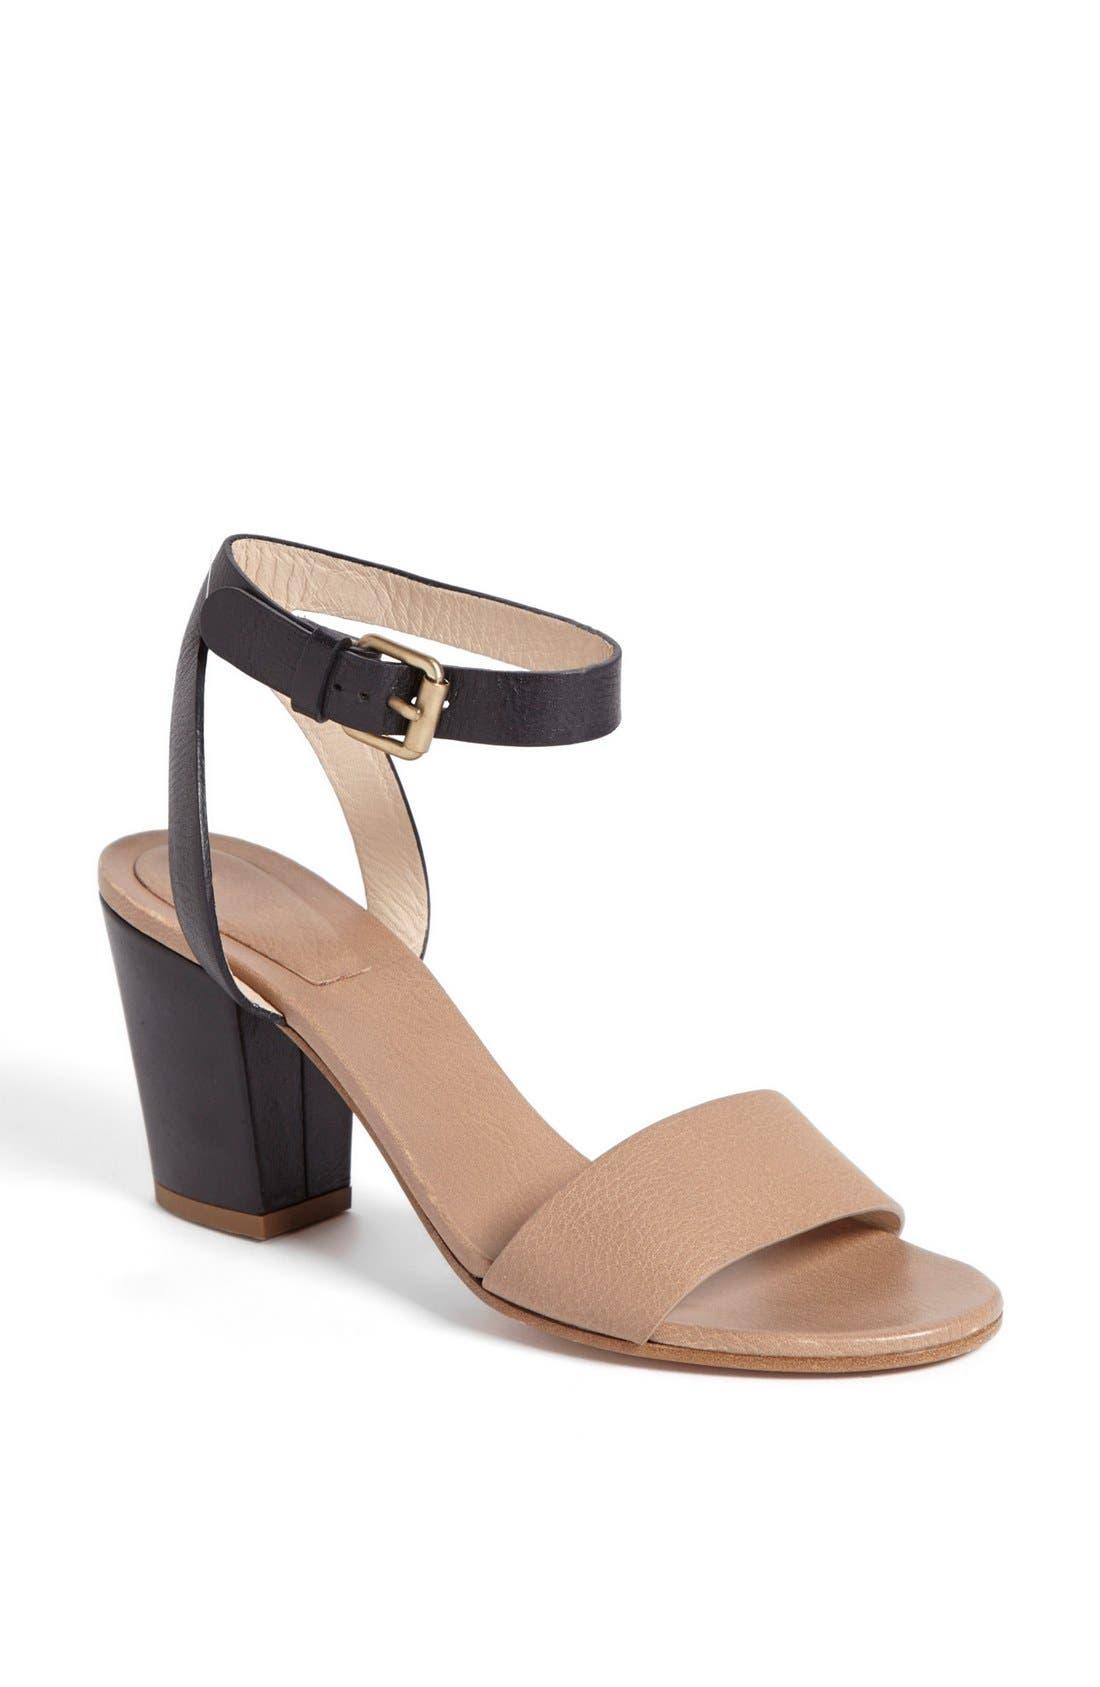 Main Image - Chloé 'Heloise Udine' Bicolor Sandal